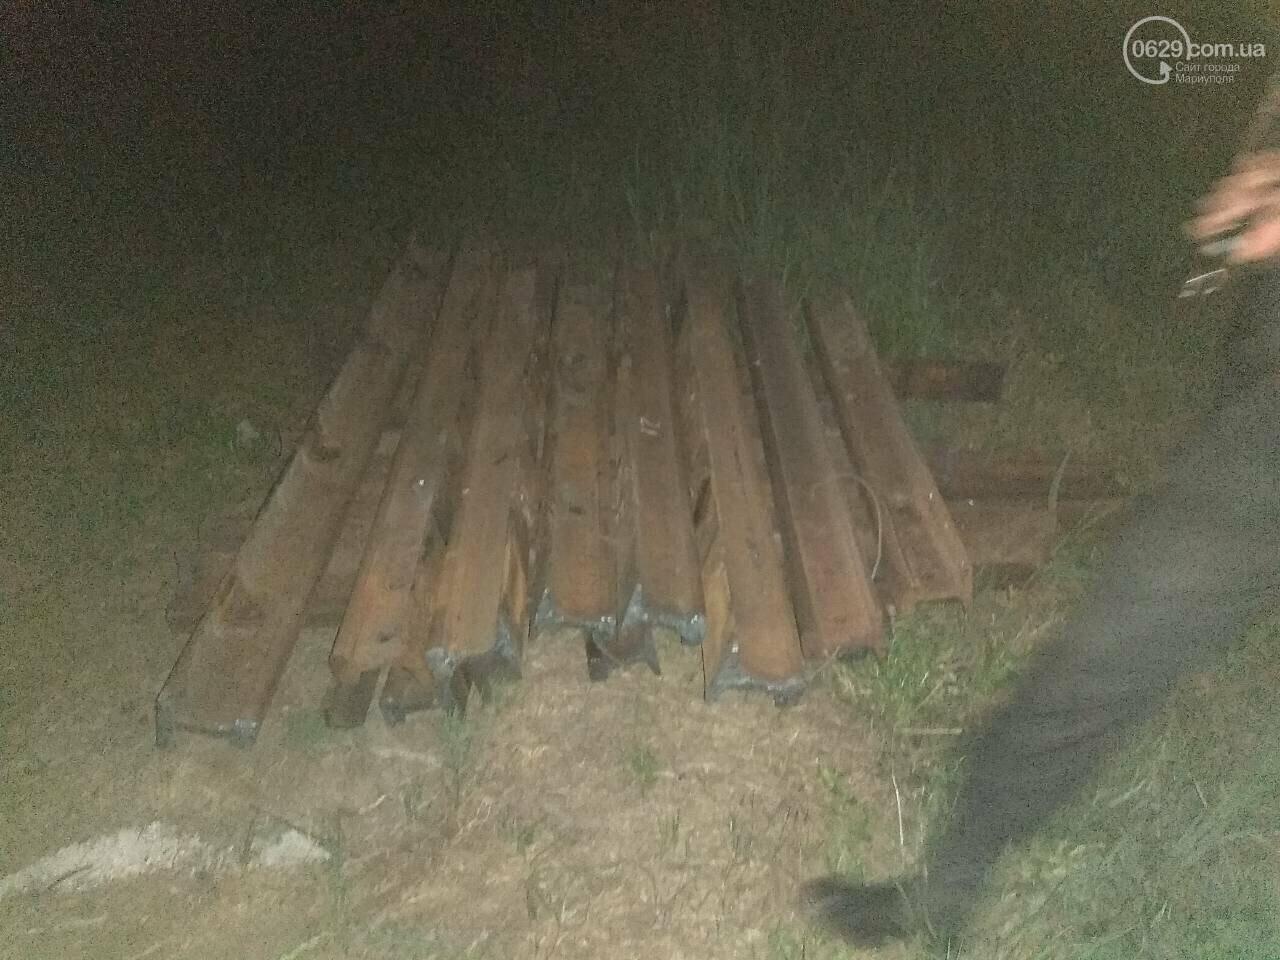 В Мариуполе сотрудники охранного предприятия задержали воров при попытке разобрать железнодорожное полотно, - ФОТО, фото-7